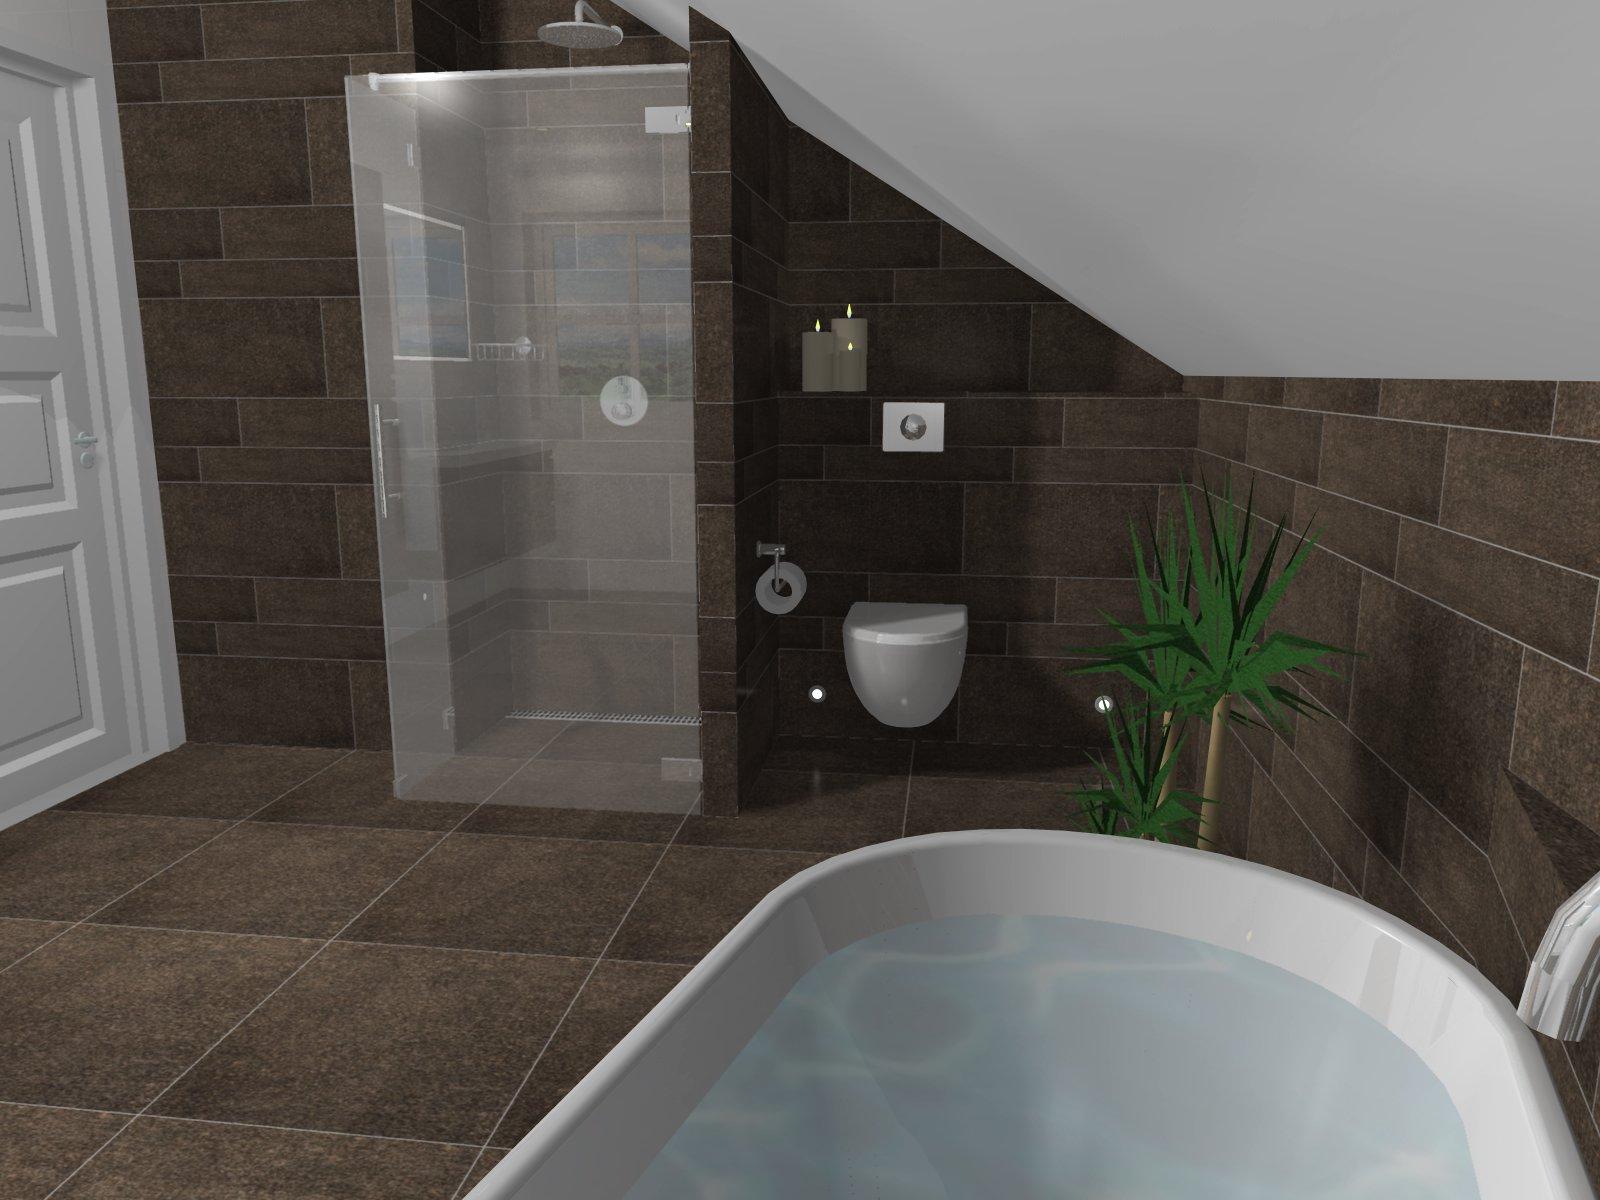 Kakel badrumsinspiration ~ Xellen.com